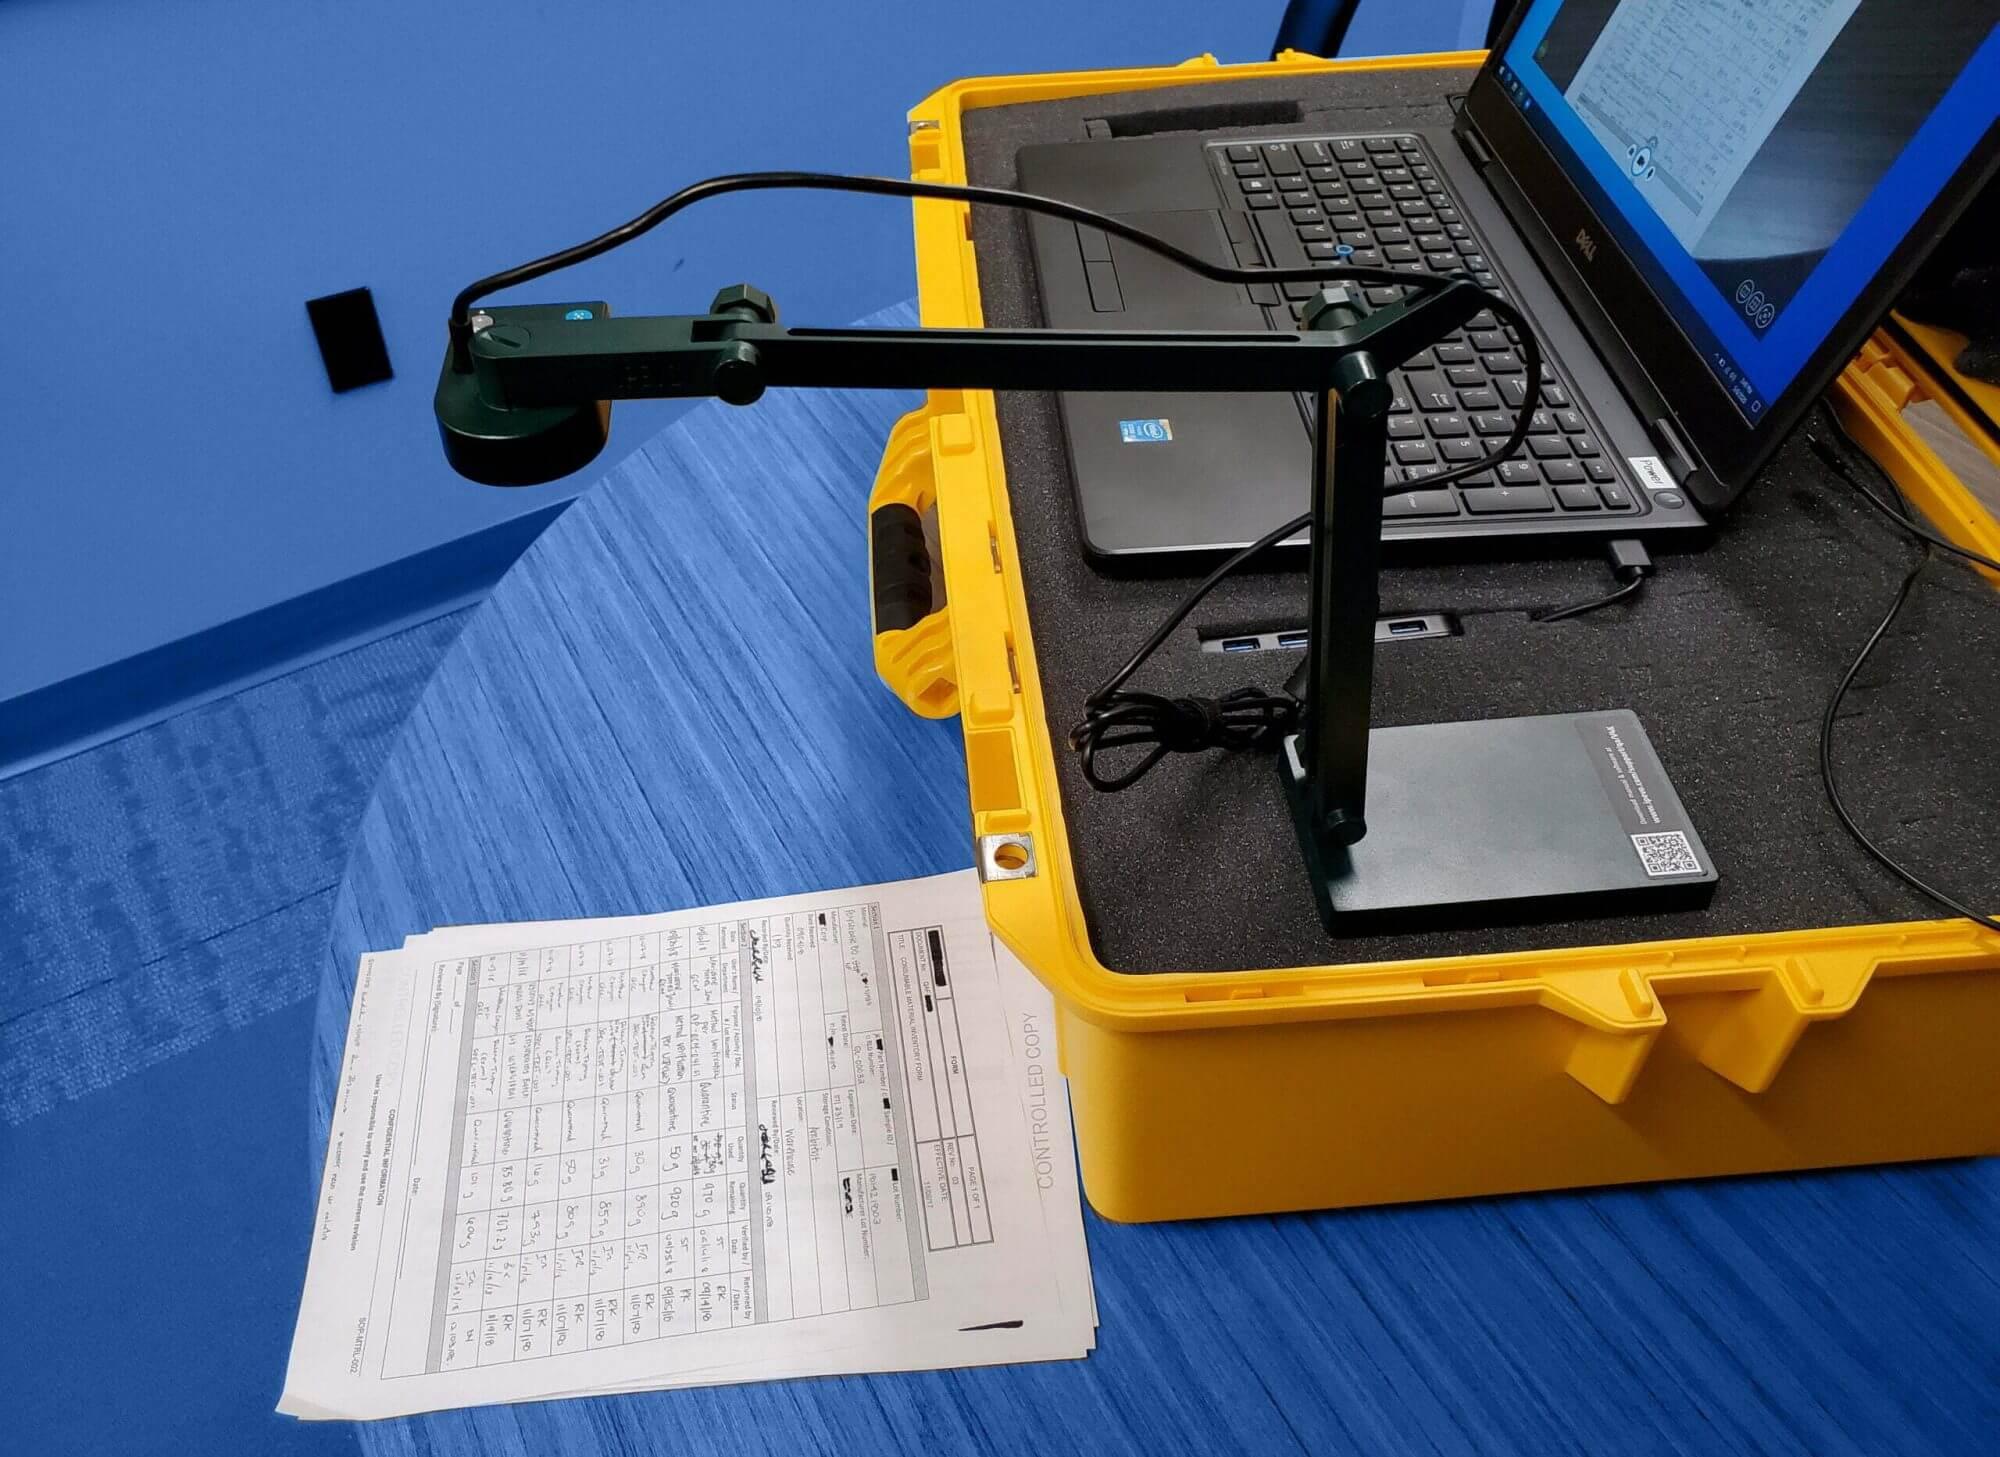 DOC CAM & Laptop for Remote Audit